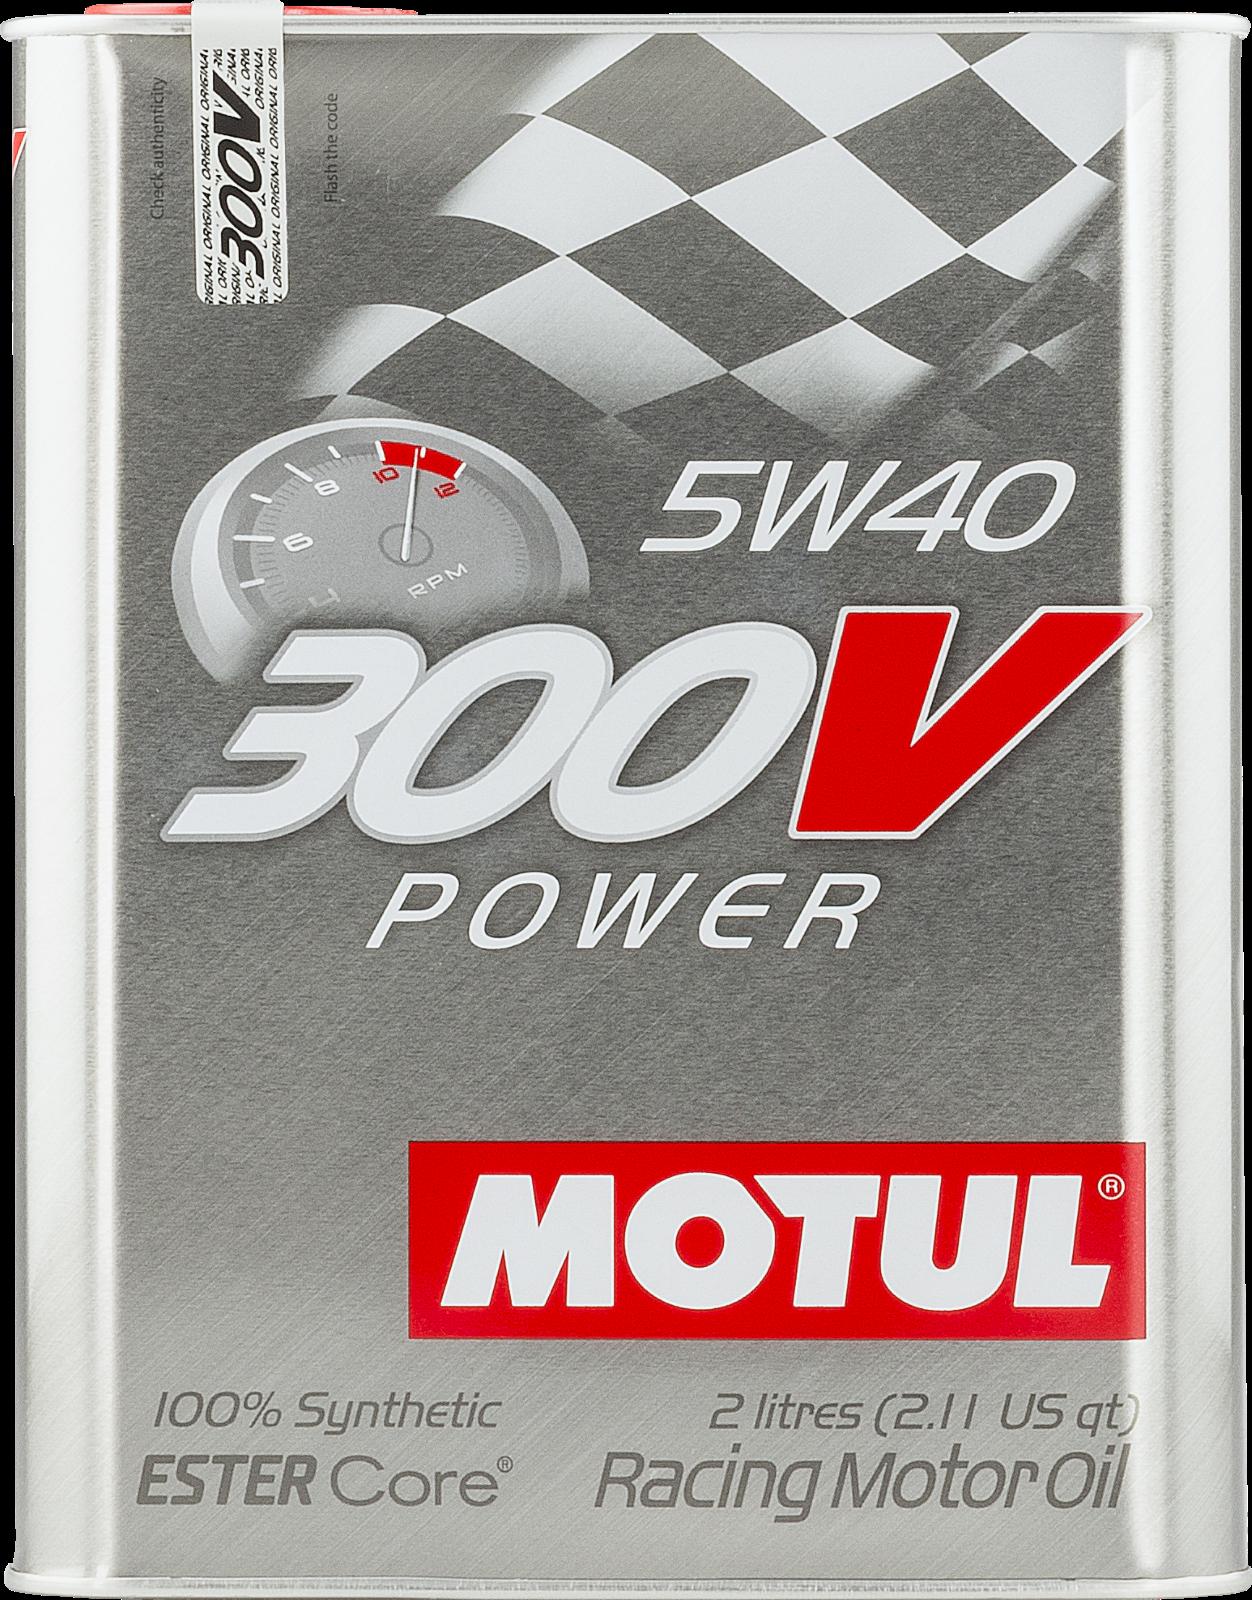 MOTUL AG MOTUL 300 Power 5W-40 2L